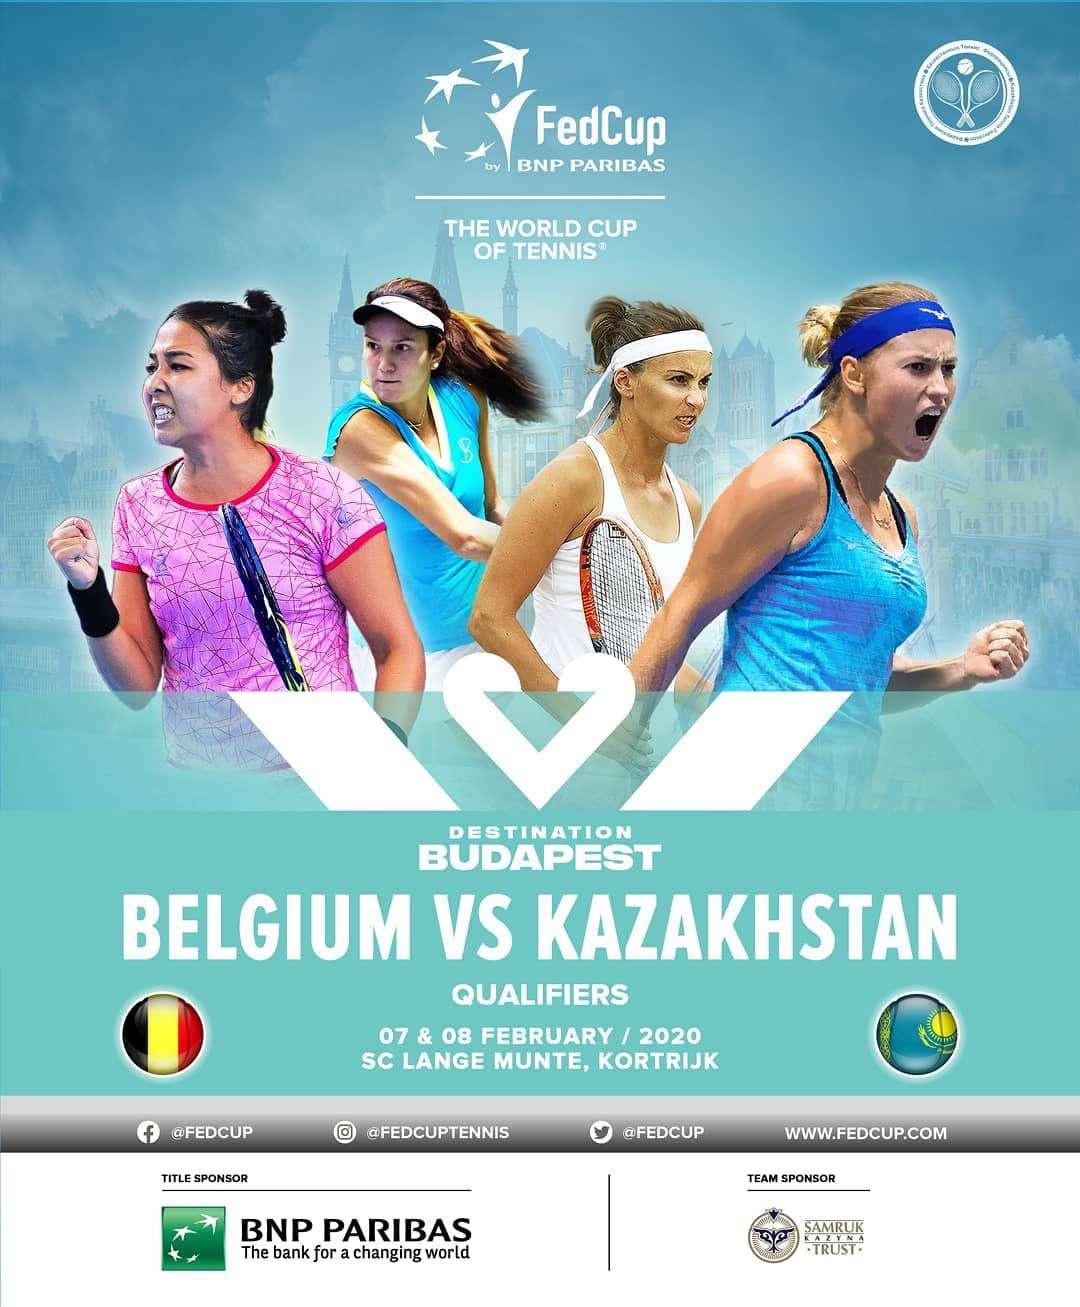 Баннер к матчу Бельгия - Казахстан в квалификации Кубка Федерации